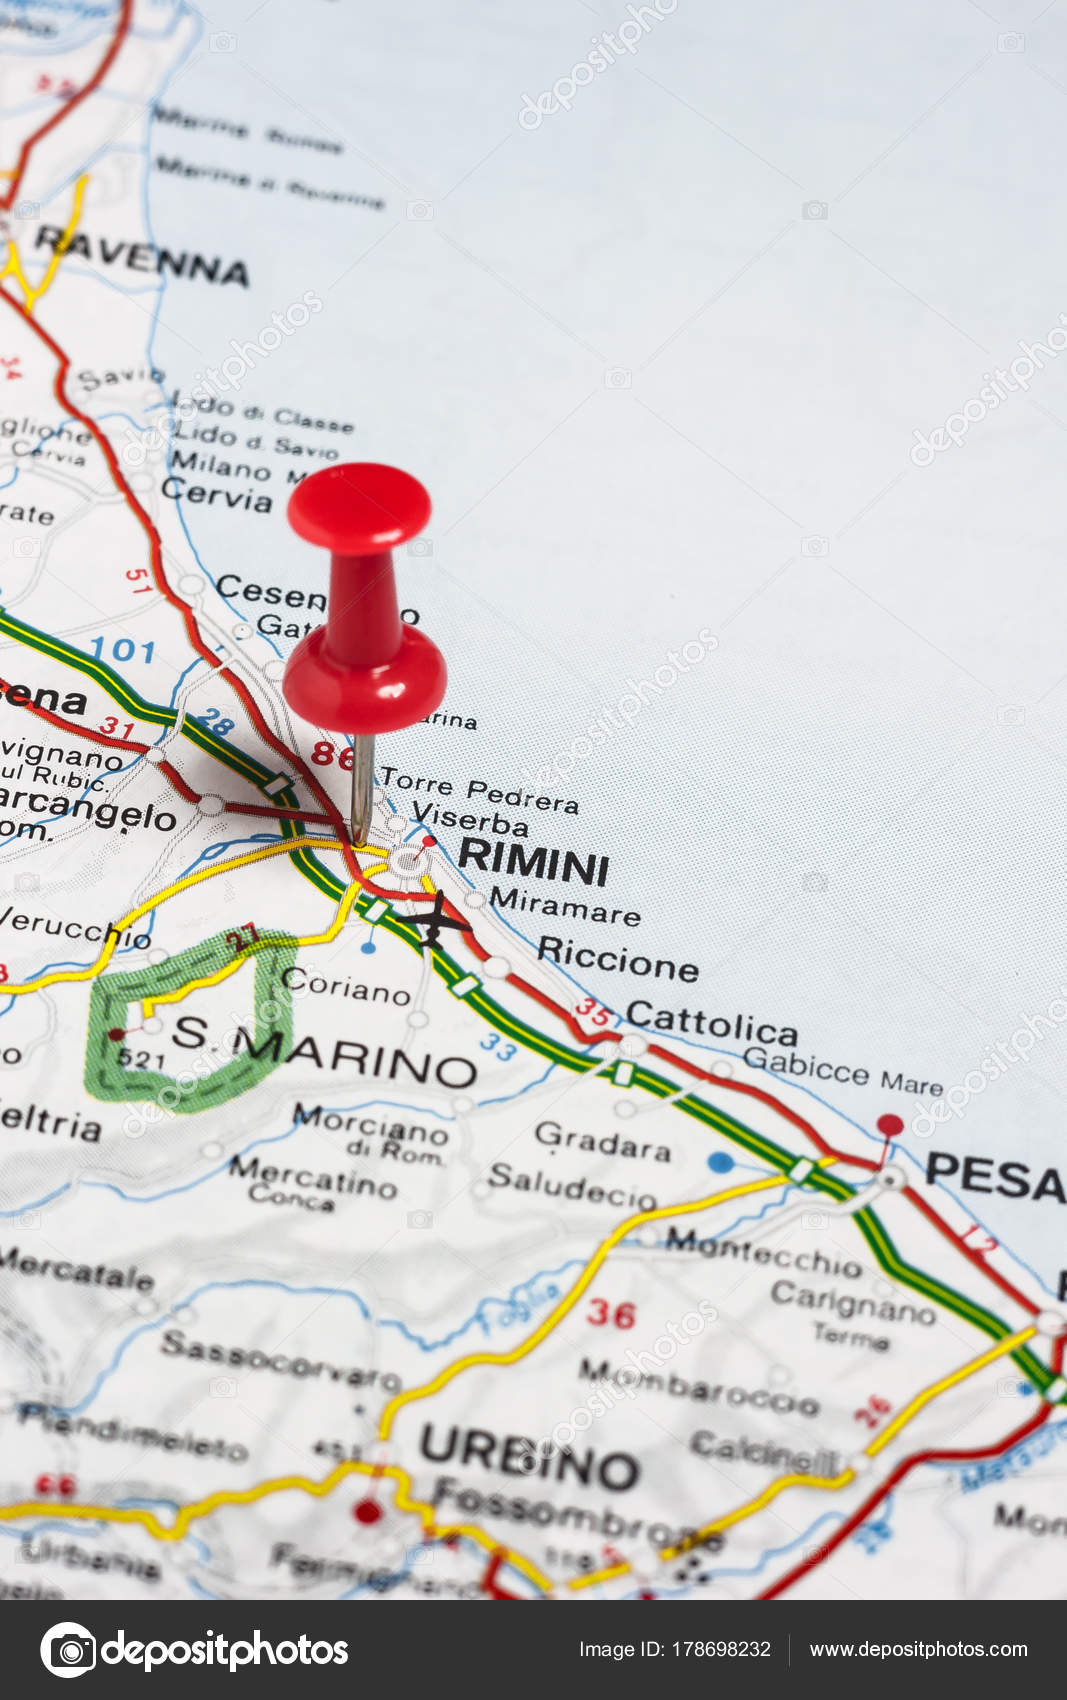 rimini italia mapa Rimini italia mapa | Cubrió a Rímini en el mapa de Italia — Foto  rimini italia mapa